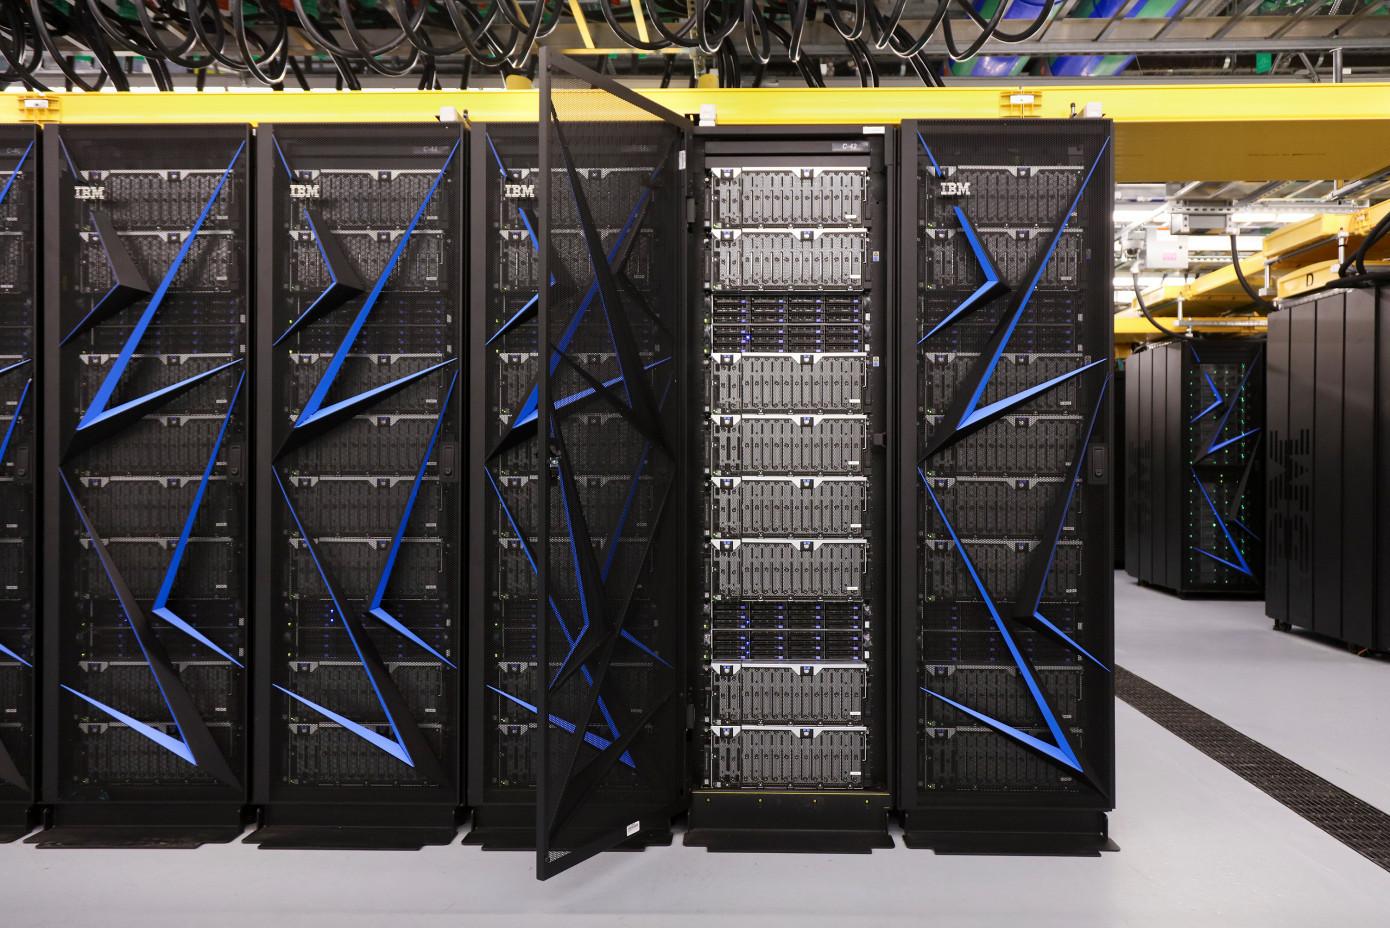 美公布全球最快超级计算机 性能是神威太湖之光近2倍的照片 - 3